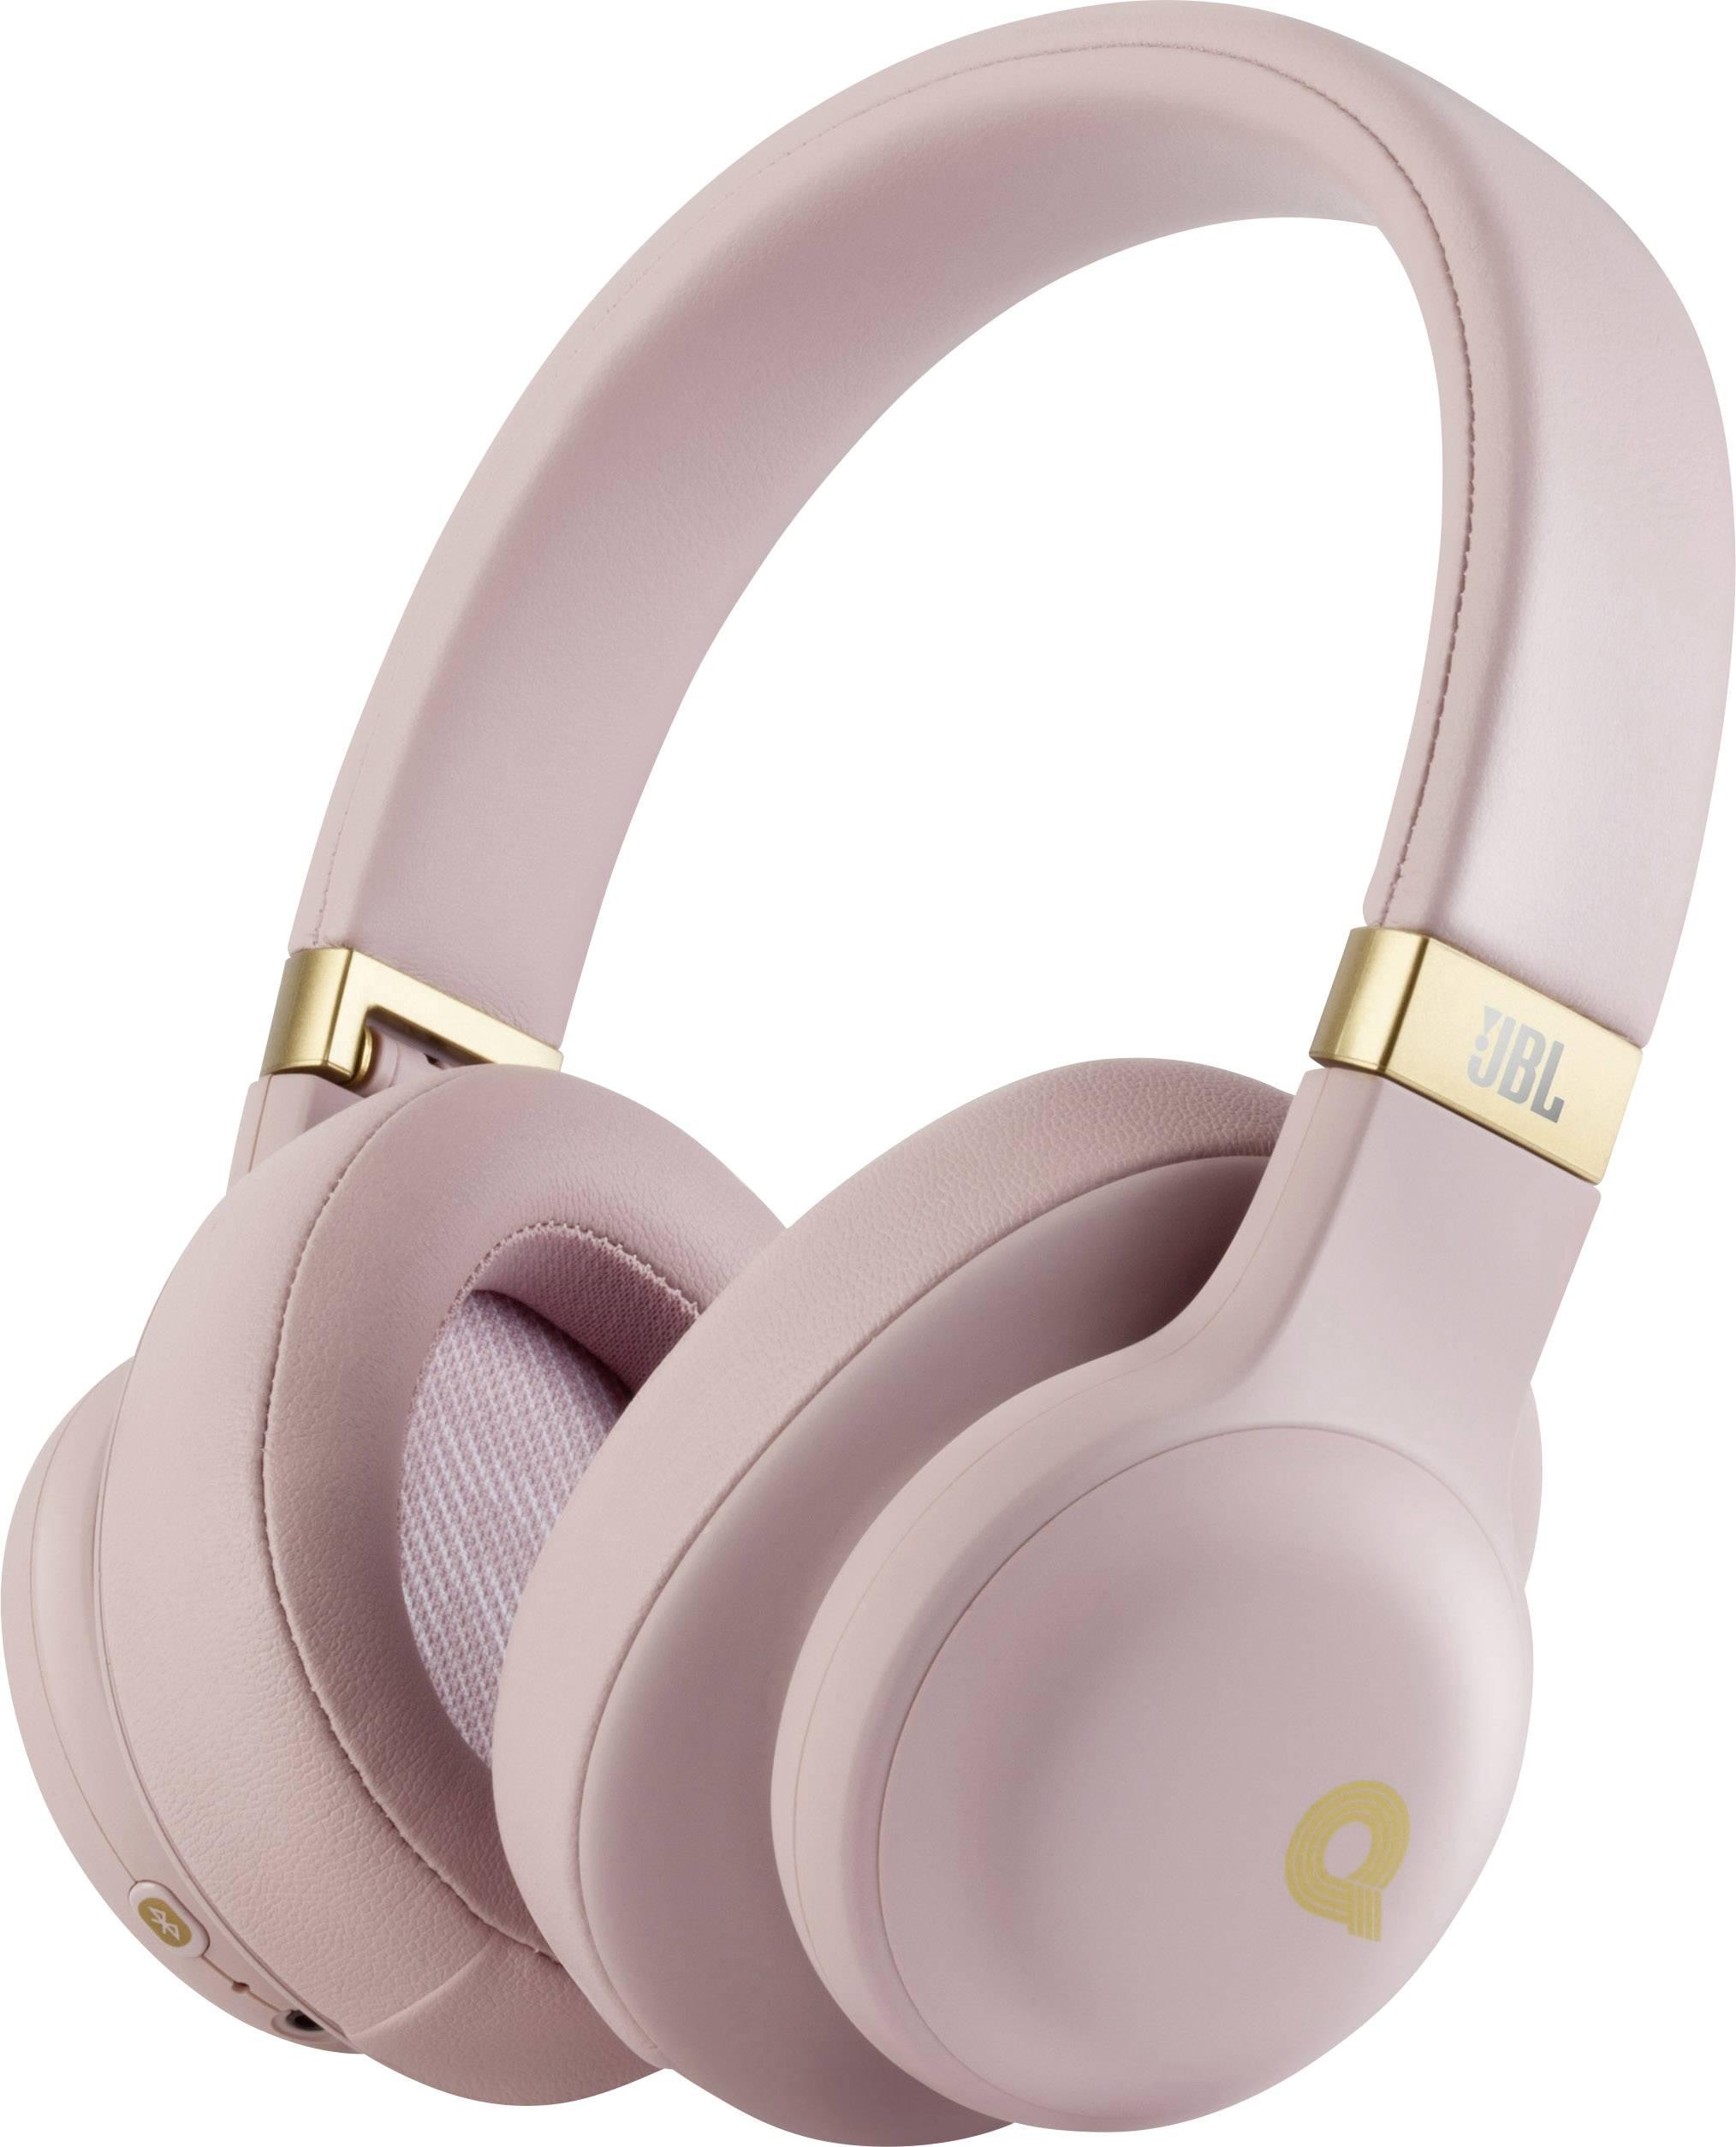 Jbl E55bt Bluetooth Hi Fi Ecouteurs Circum Aural Micro Casque Rose